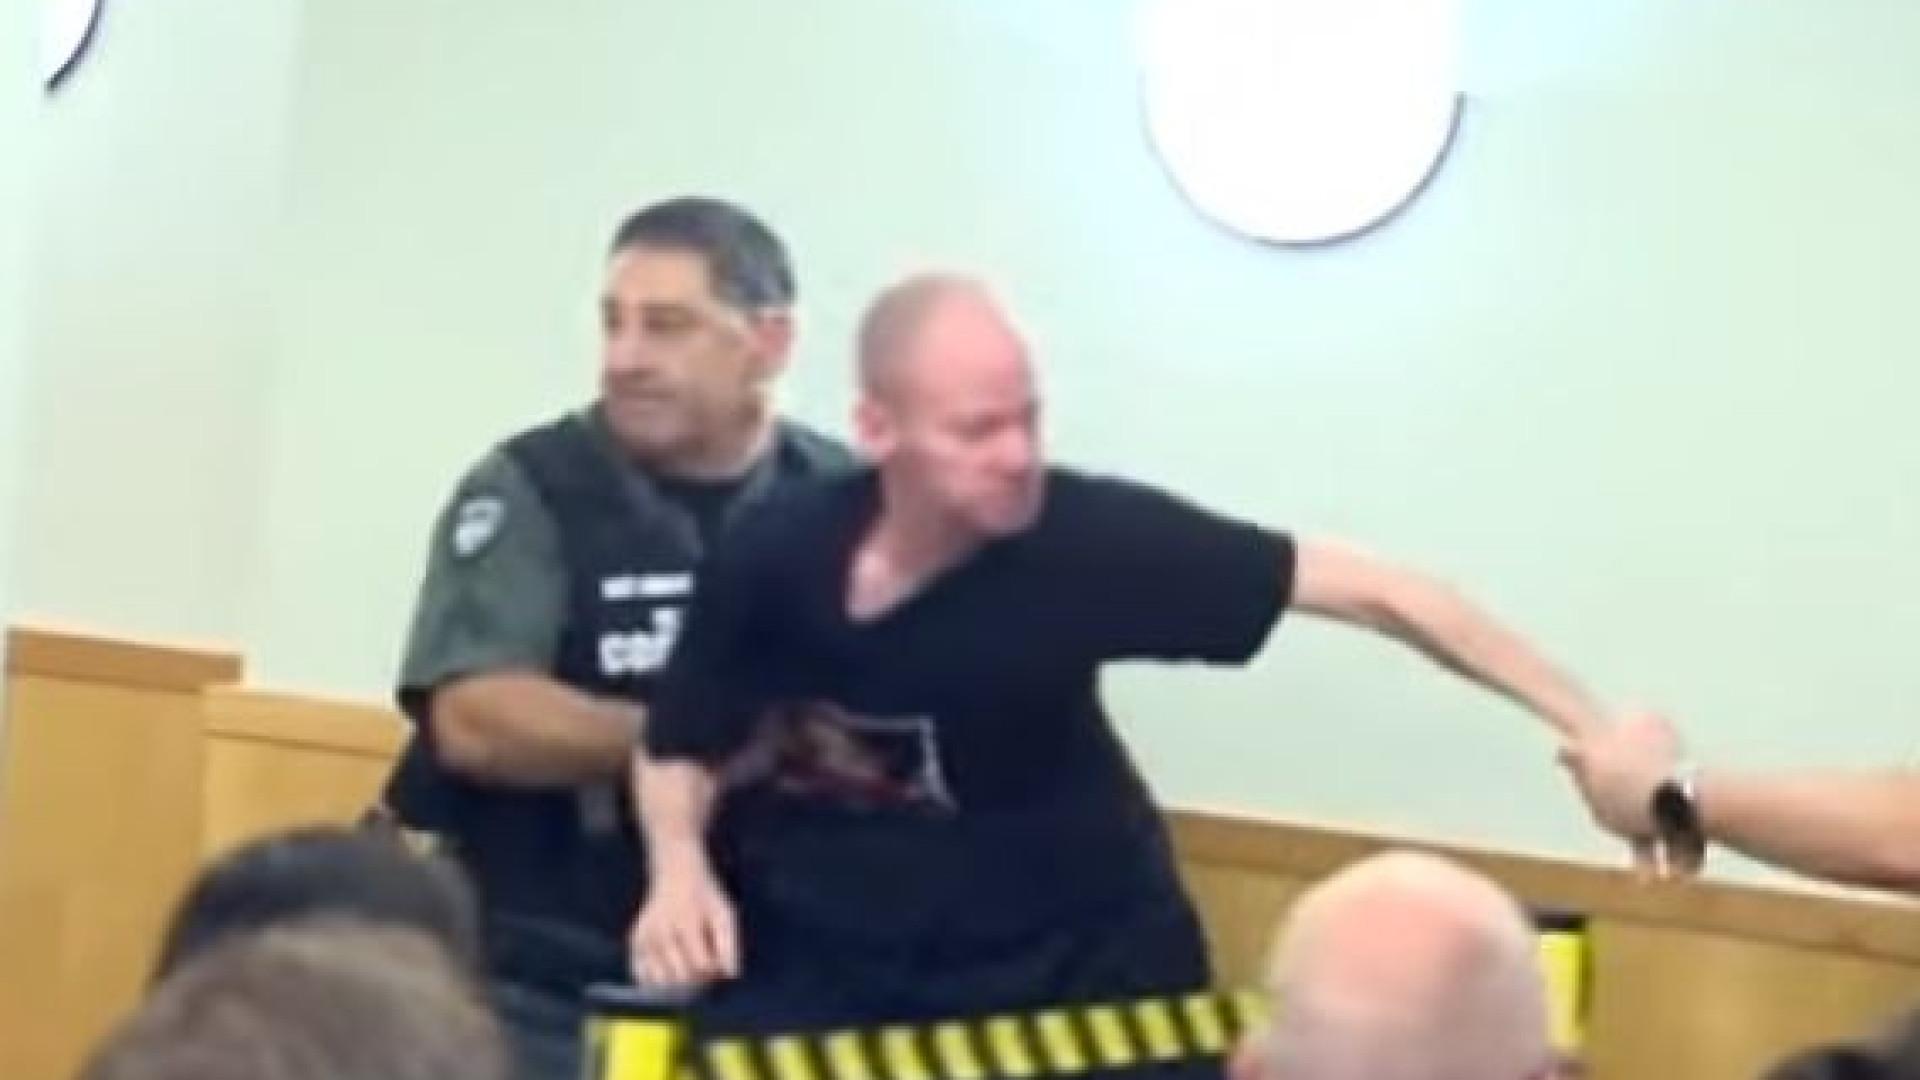 Pai expulso do tribunal depois de confrontar homem que lhe matou a filha